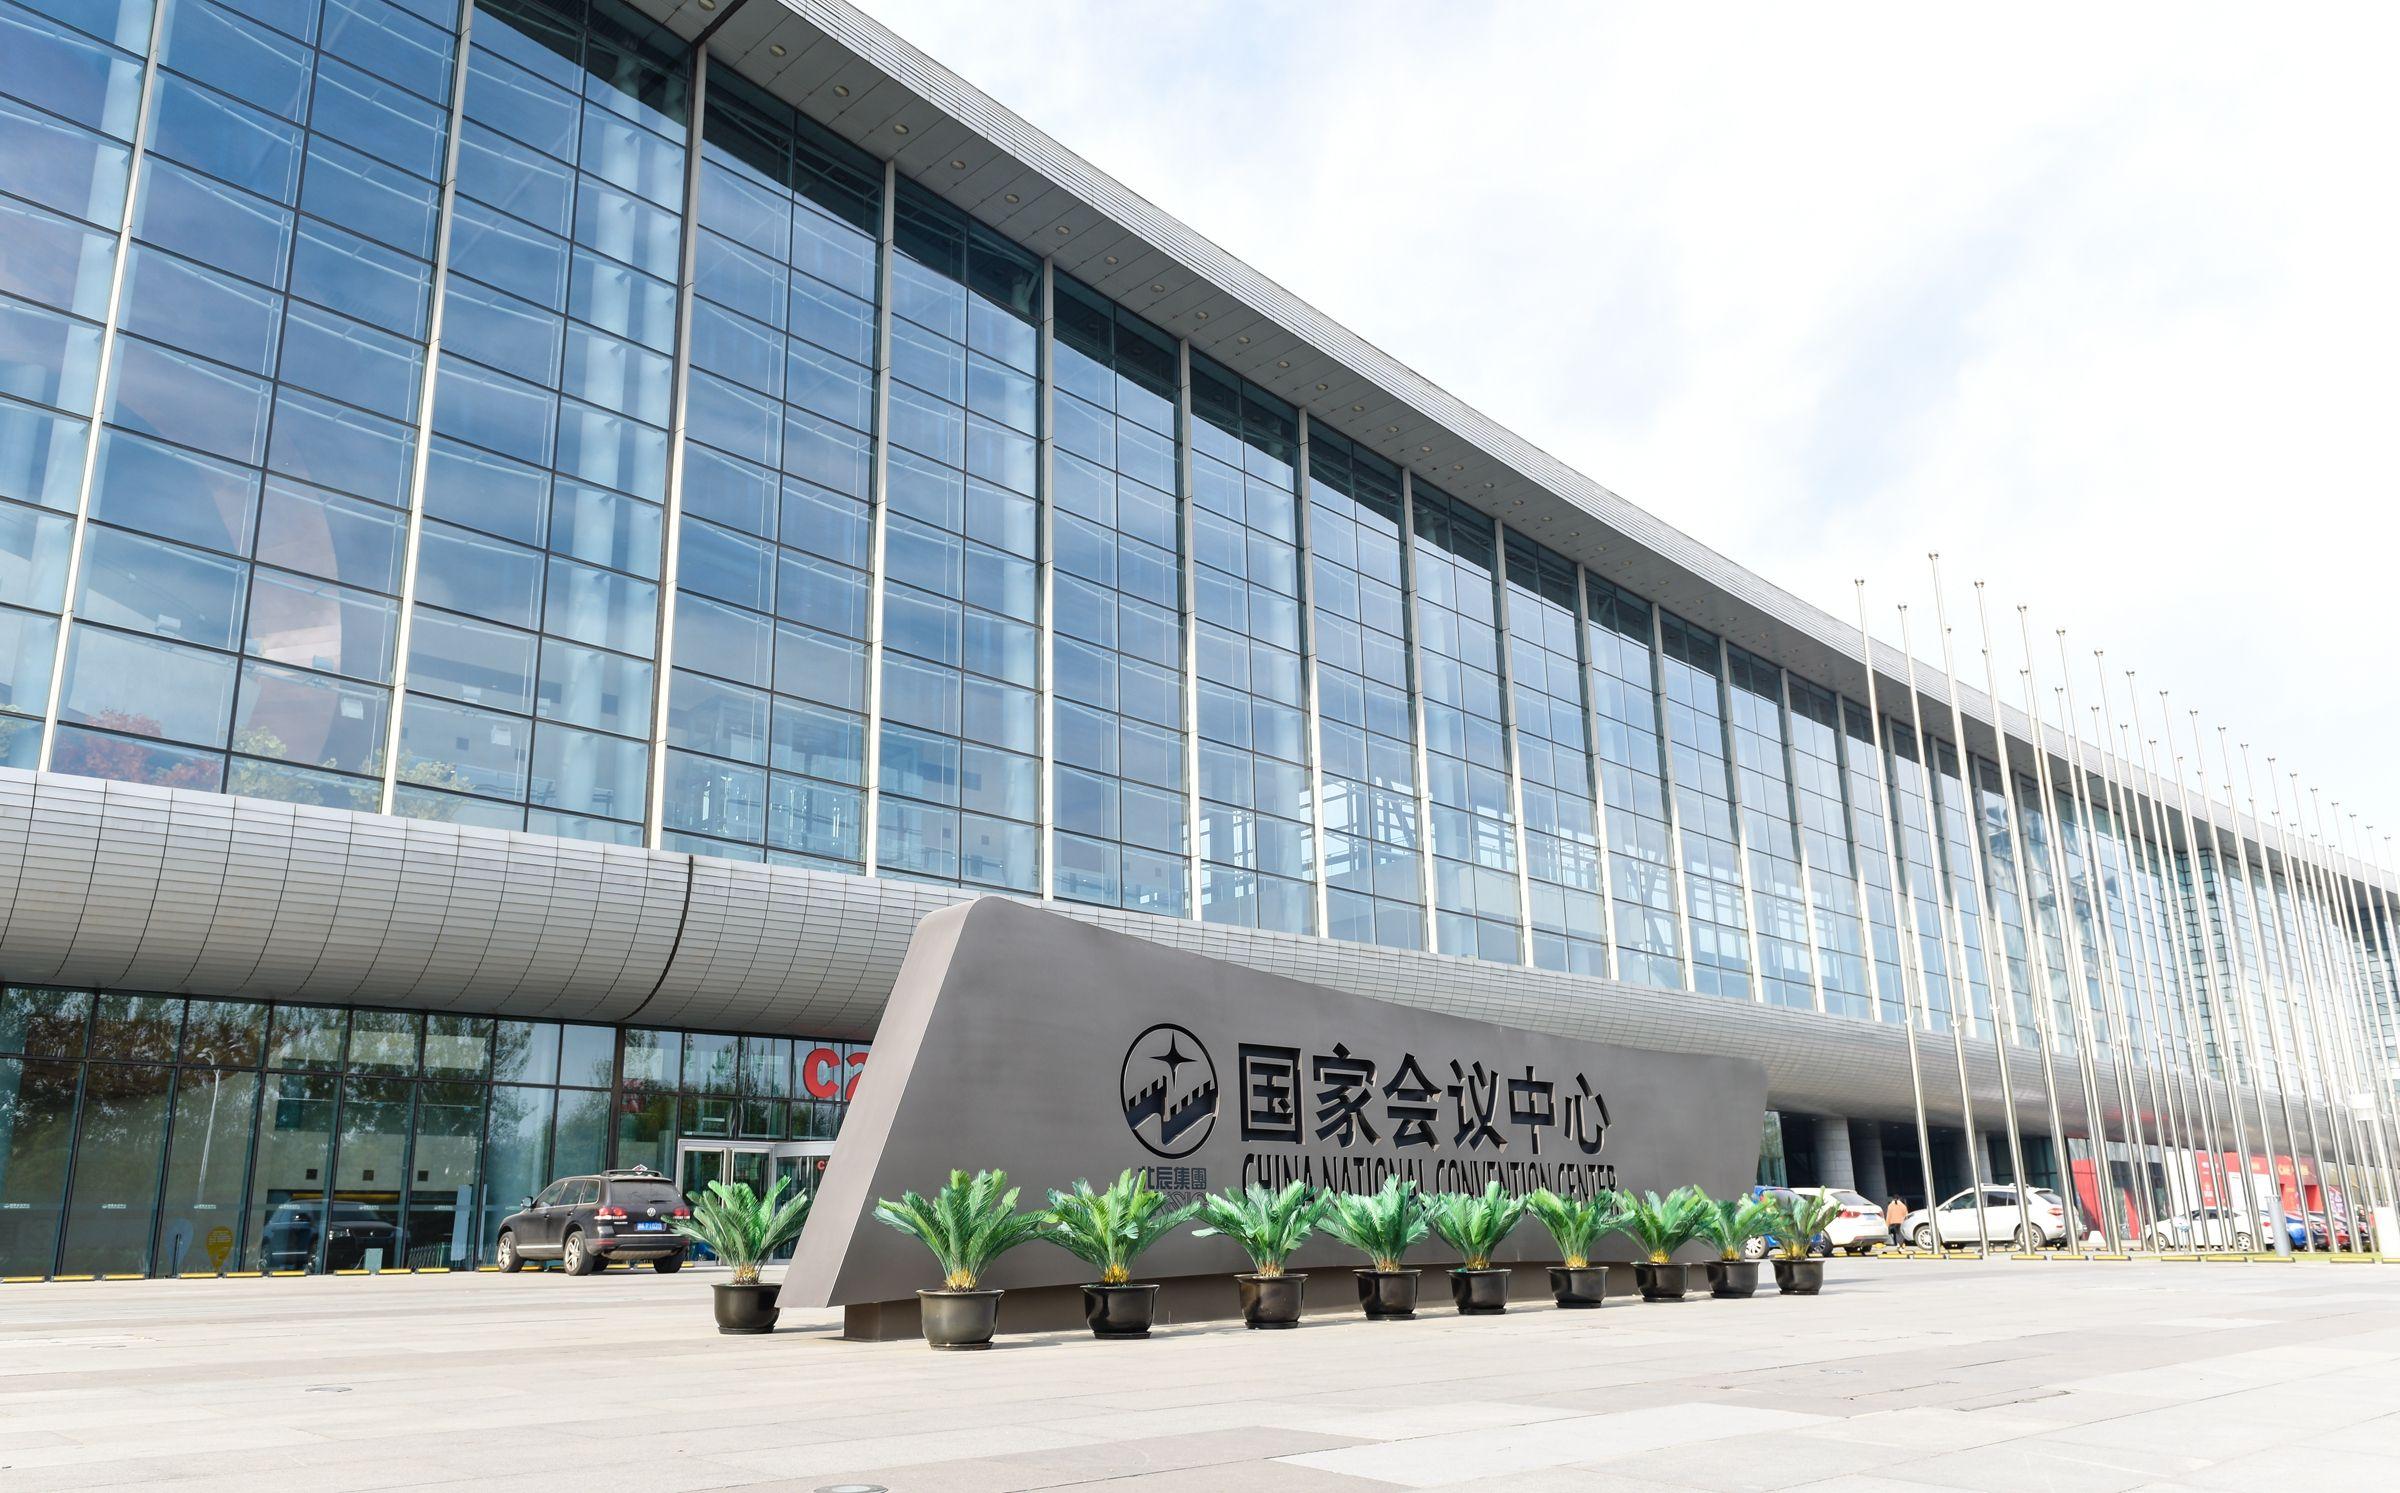 北京奥运会体育项目_中国国家会议中心